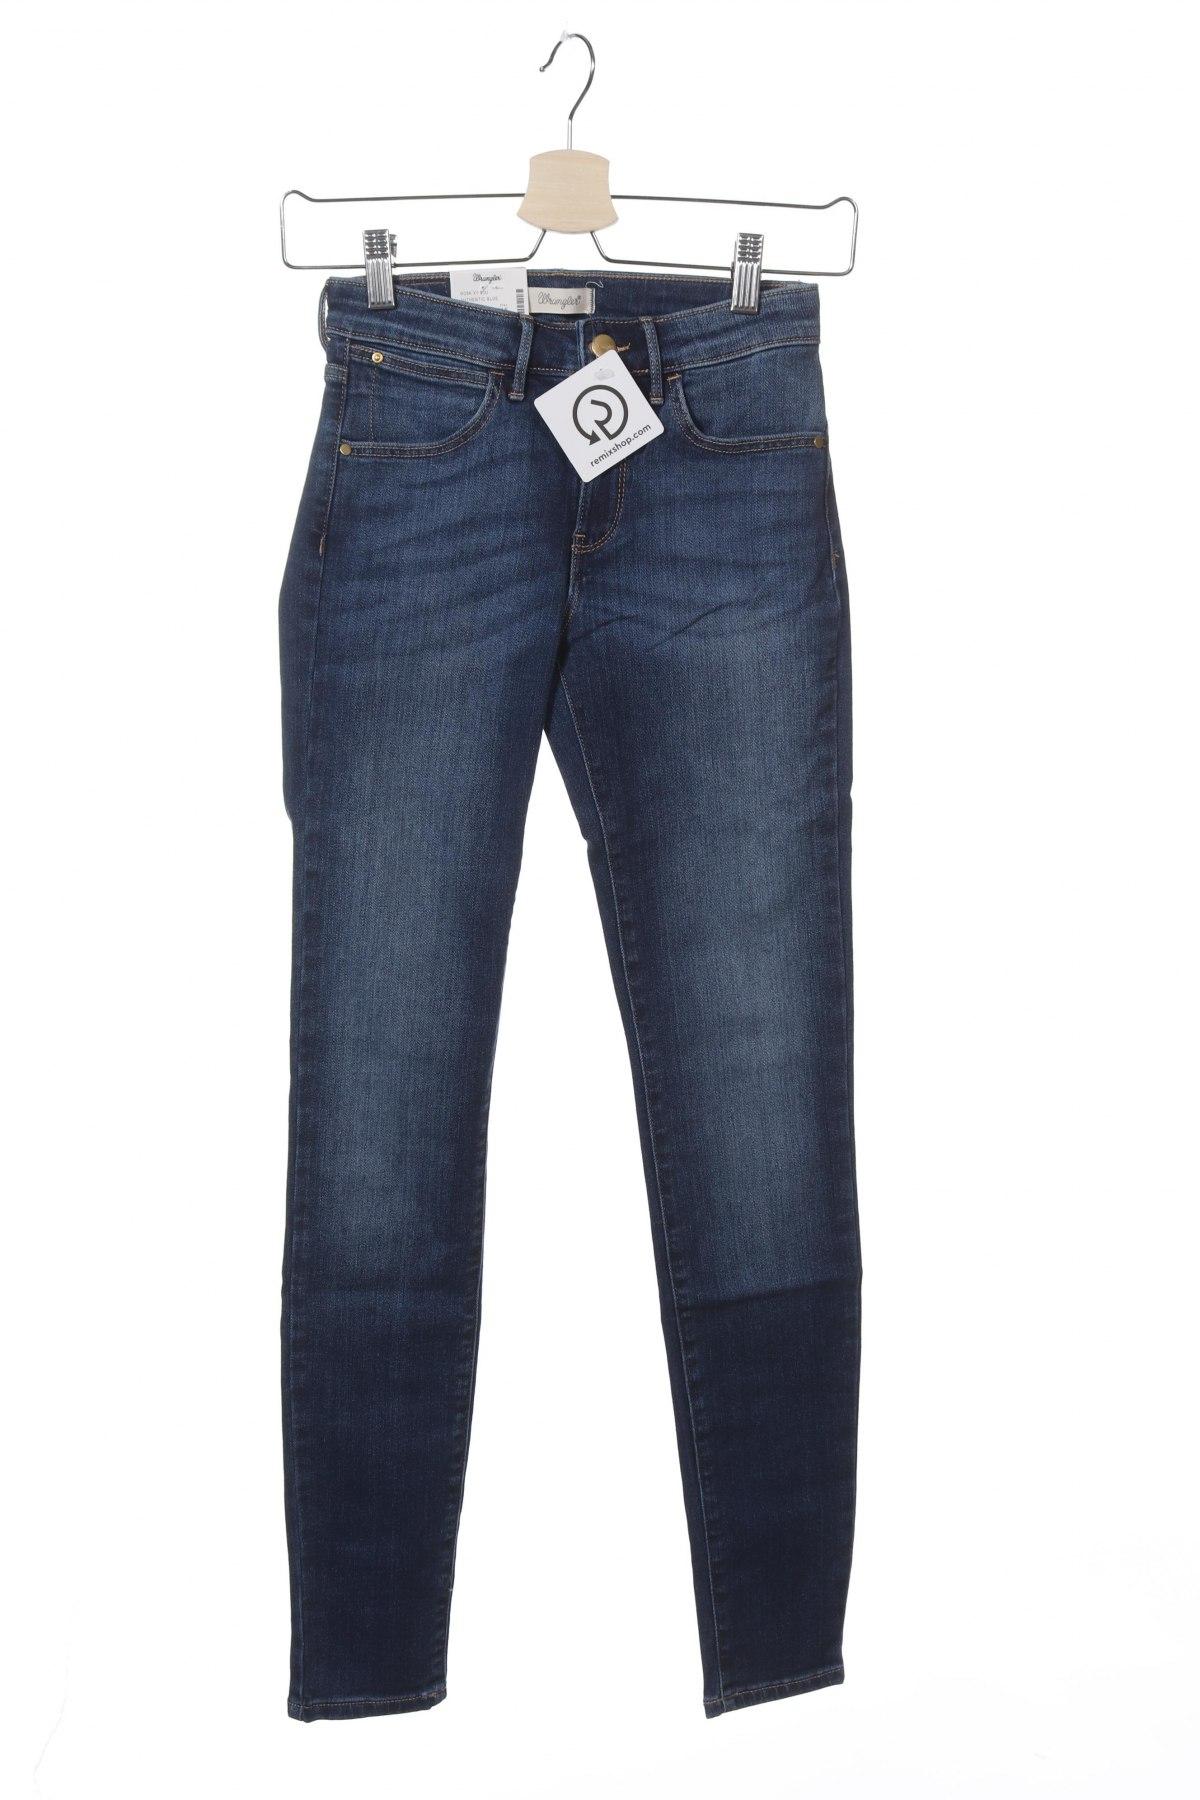 Дамски дънки Wrangler, Размер XXS, Цвят Син, 93% памук, 7% еластан, Цена 11,17лв.